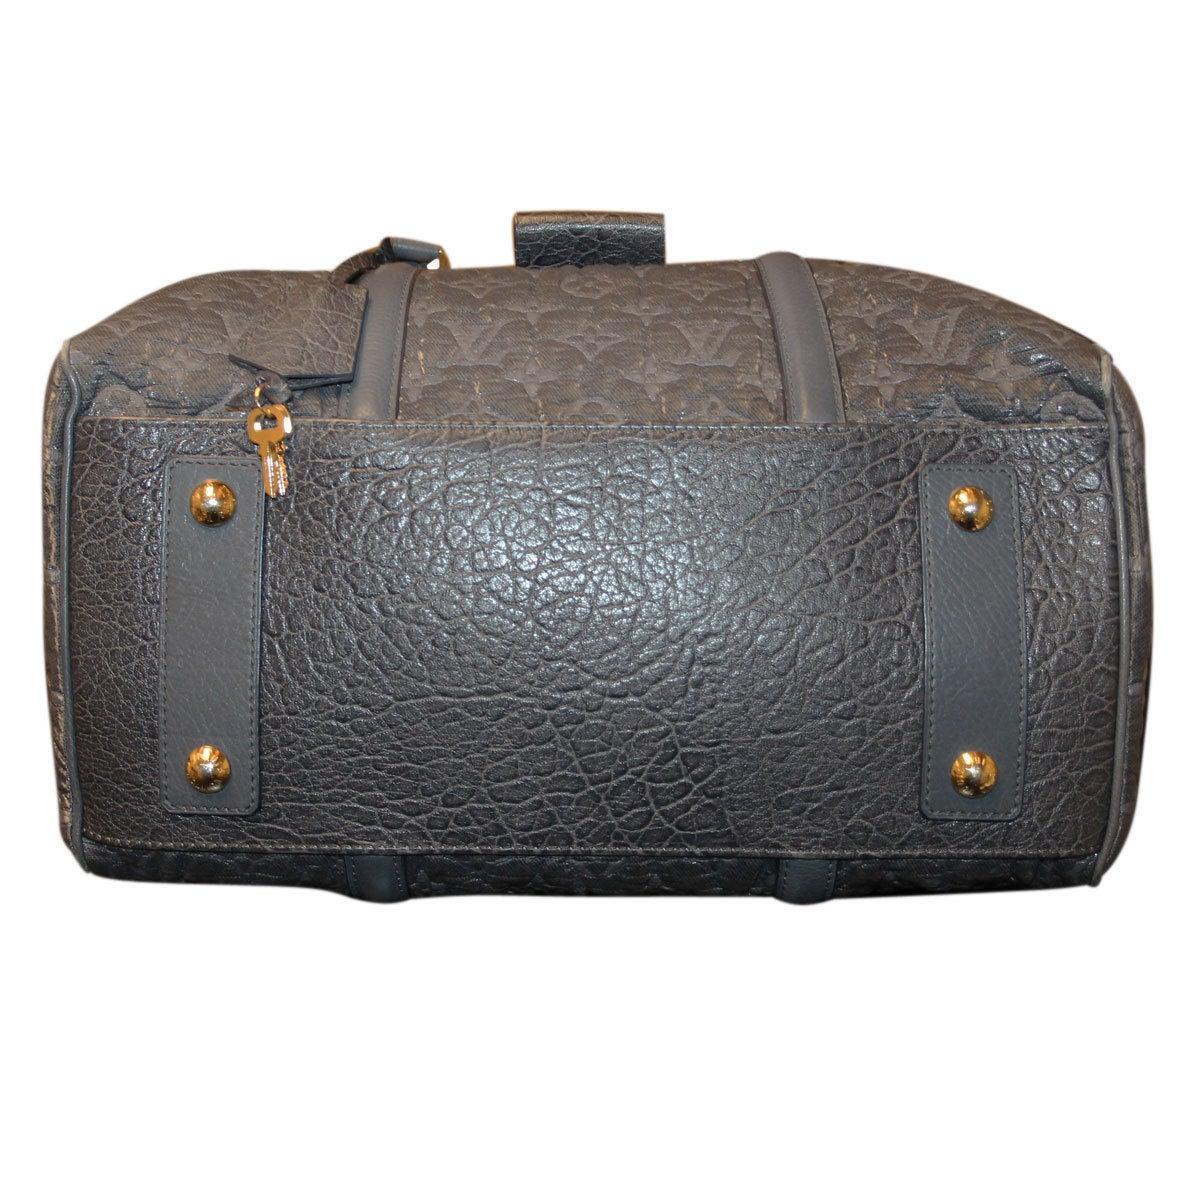 Black Louis Vuitton Volupte Psyche Leather Gris Bag Purse For Sale